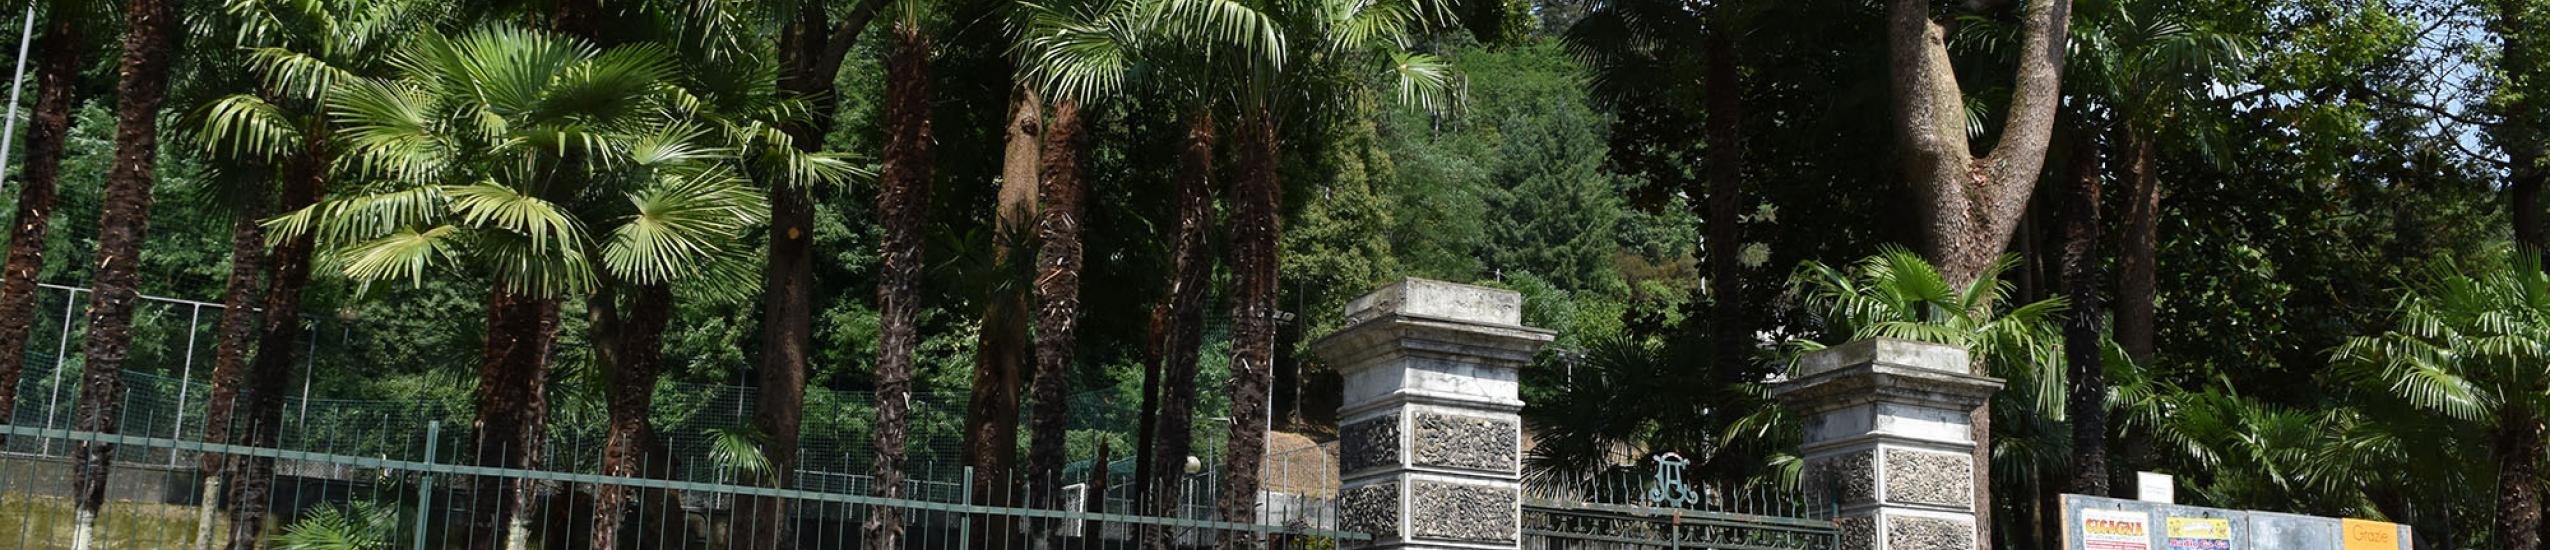 L'ingresso del parco